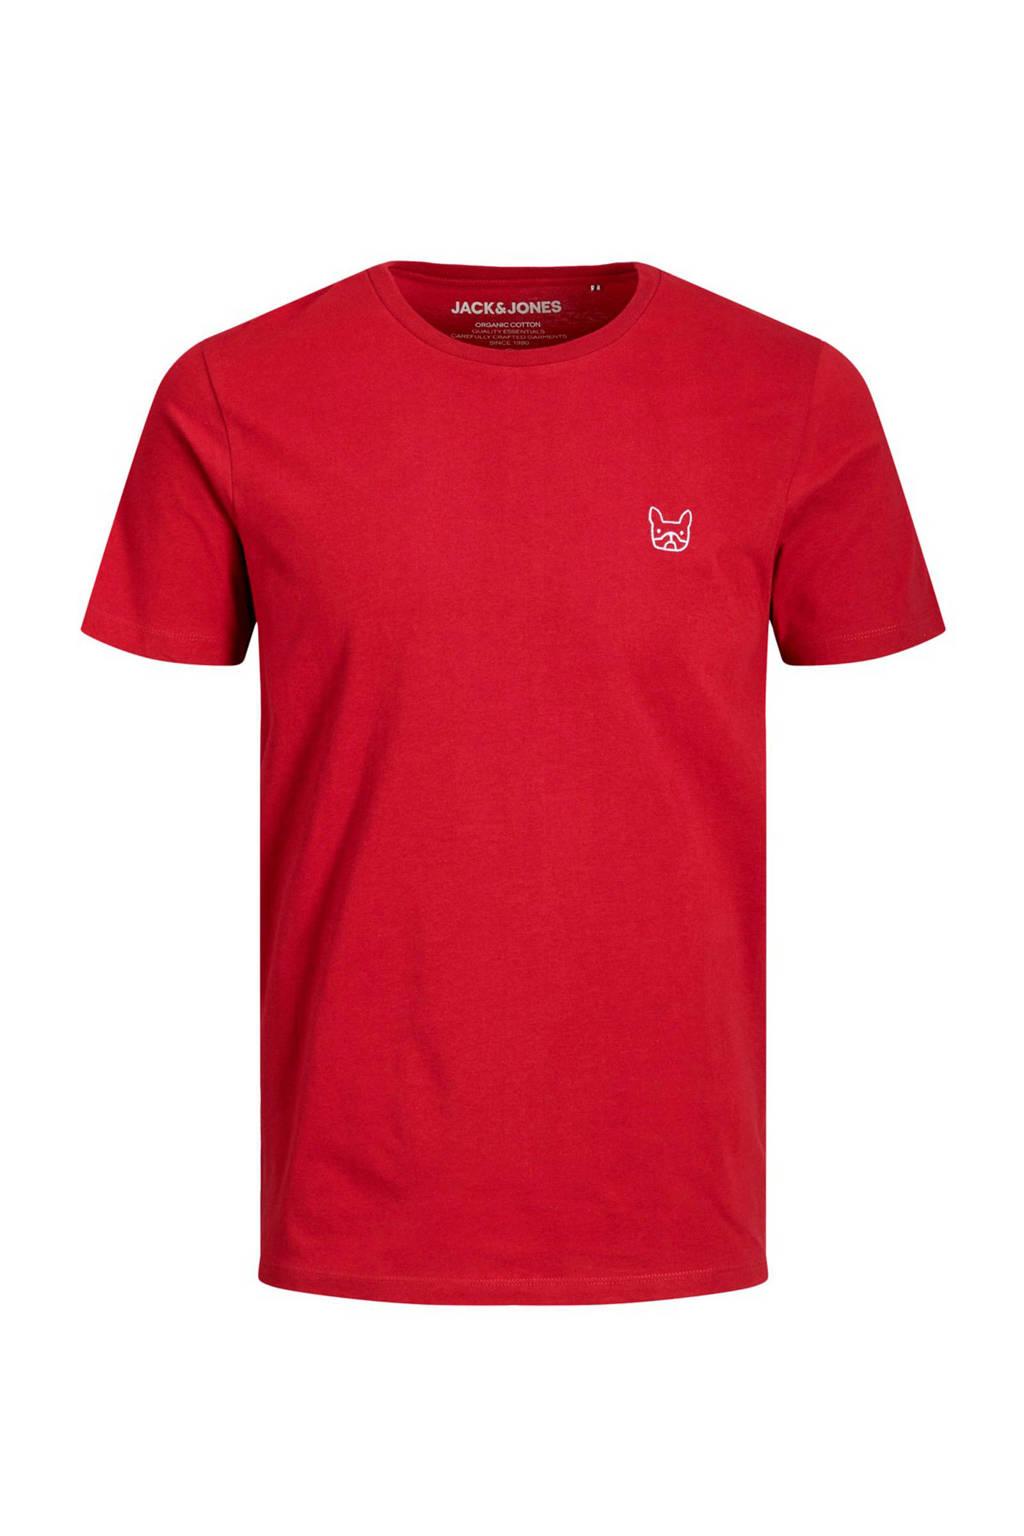 JACK & JONES ESSENTIALS T-shirt met logo rood, Rood